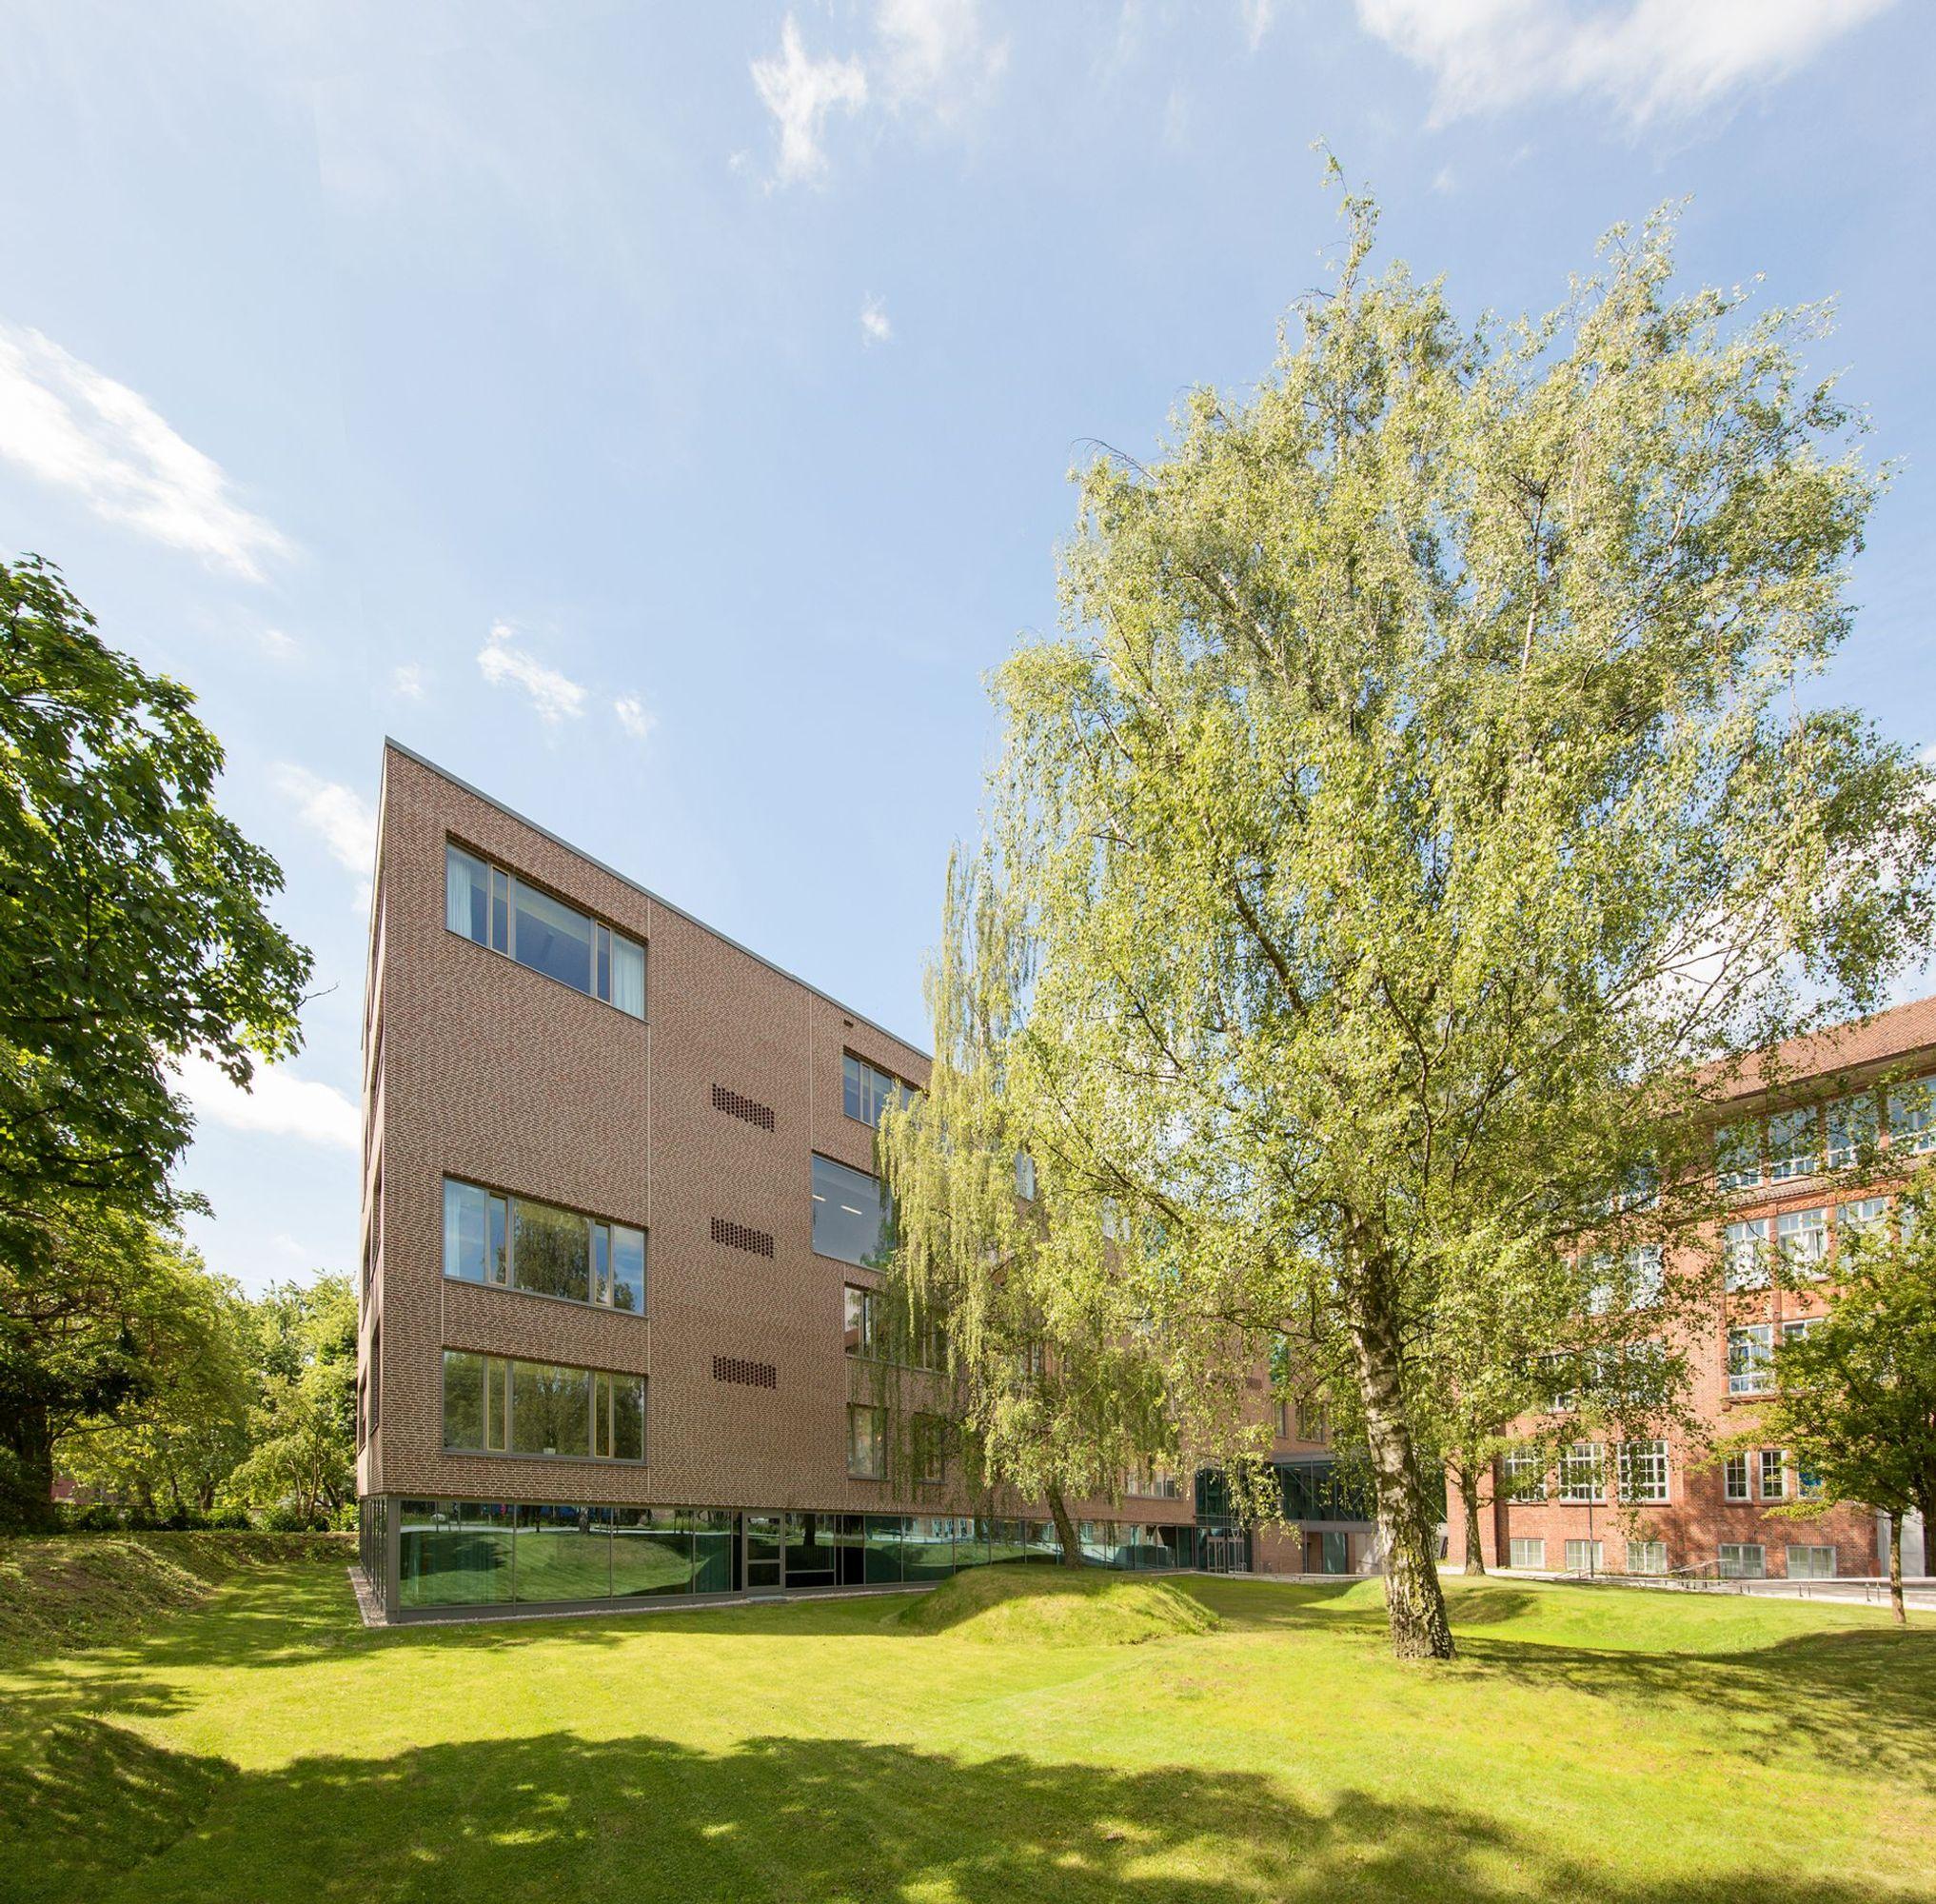 Berufsschule Burgstraße